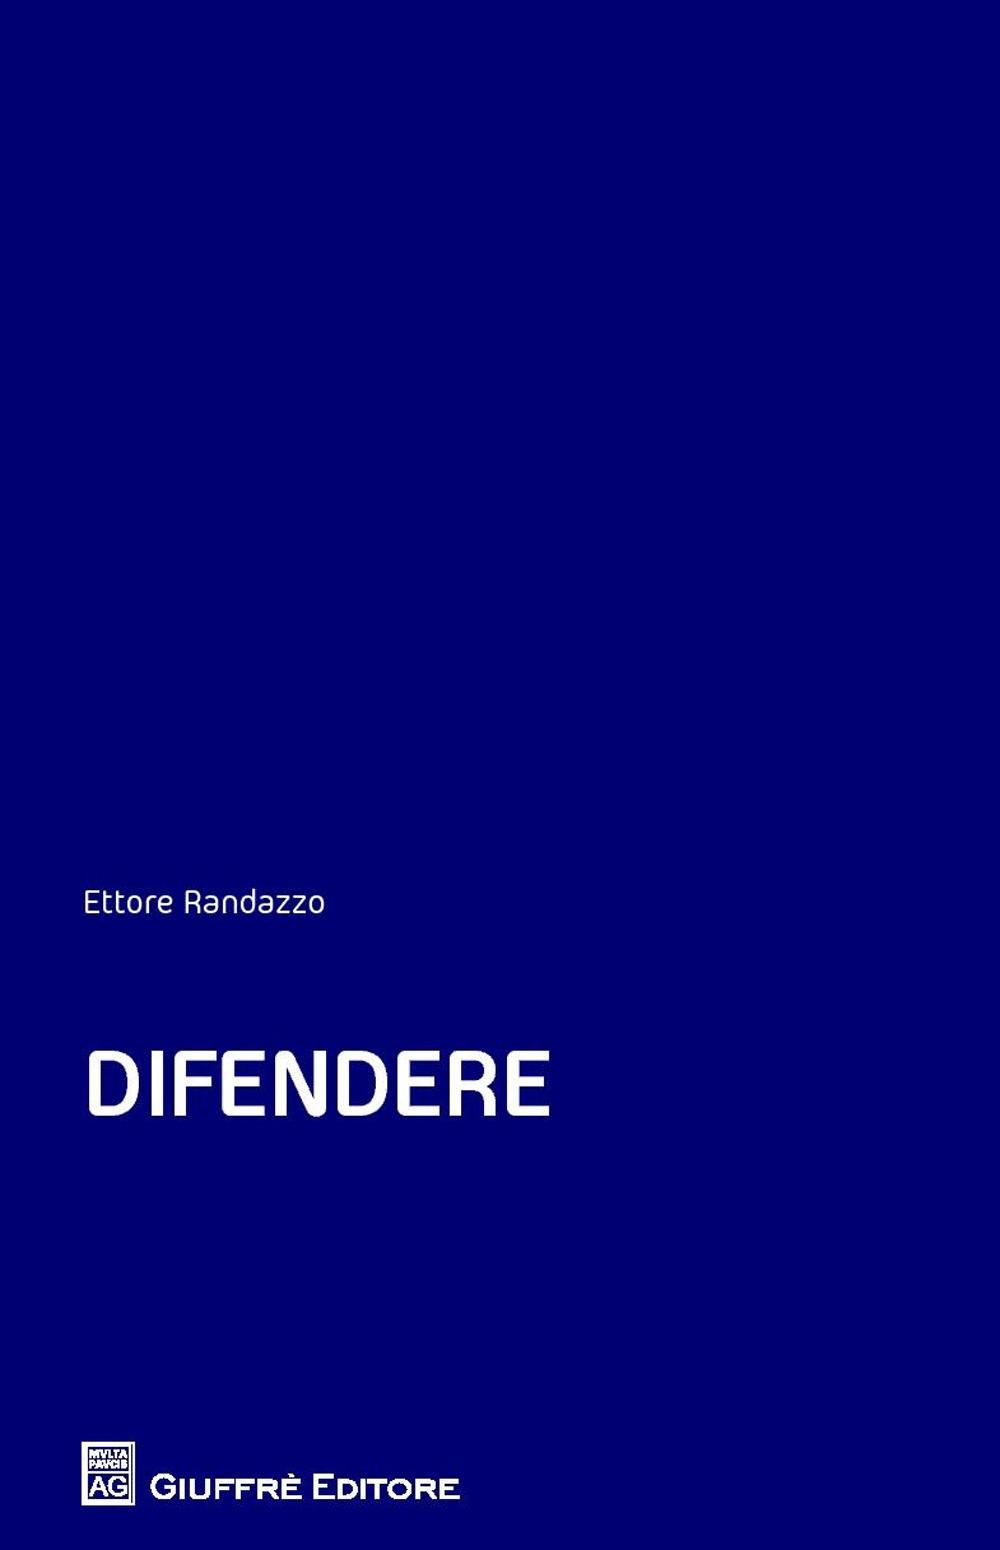 Difendere